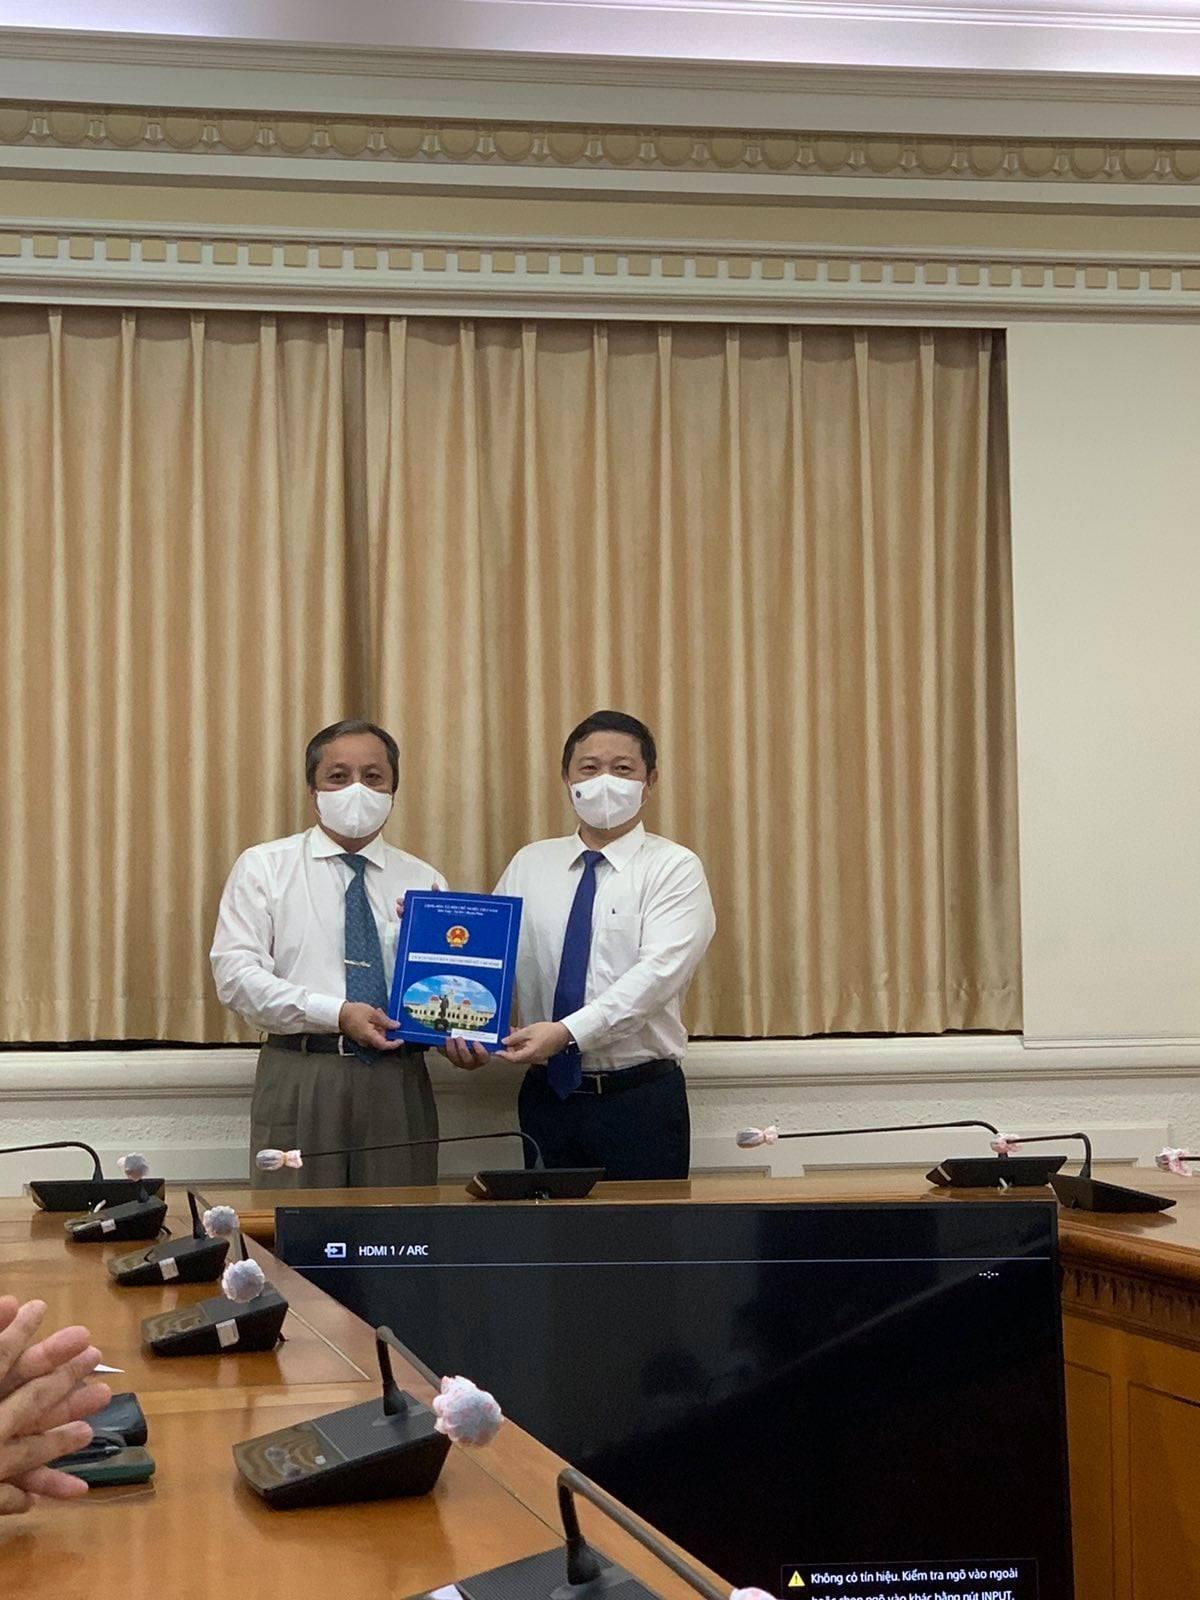 Điều động ông Đỗ Việt Hà nhận công tác tại Liên hiệp các tổ chức hữu nghị thành phố Hồ Chí Minh